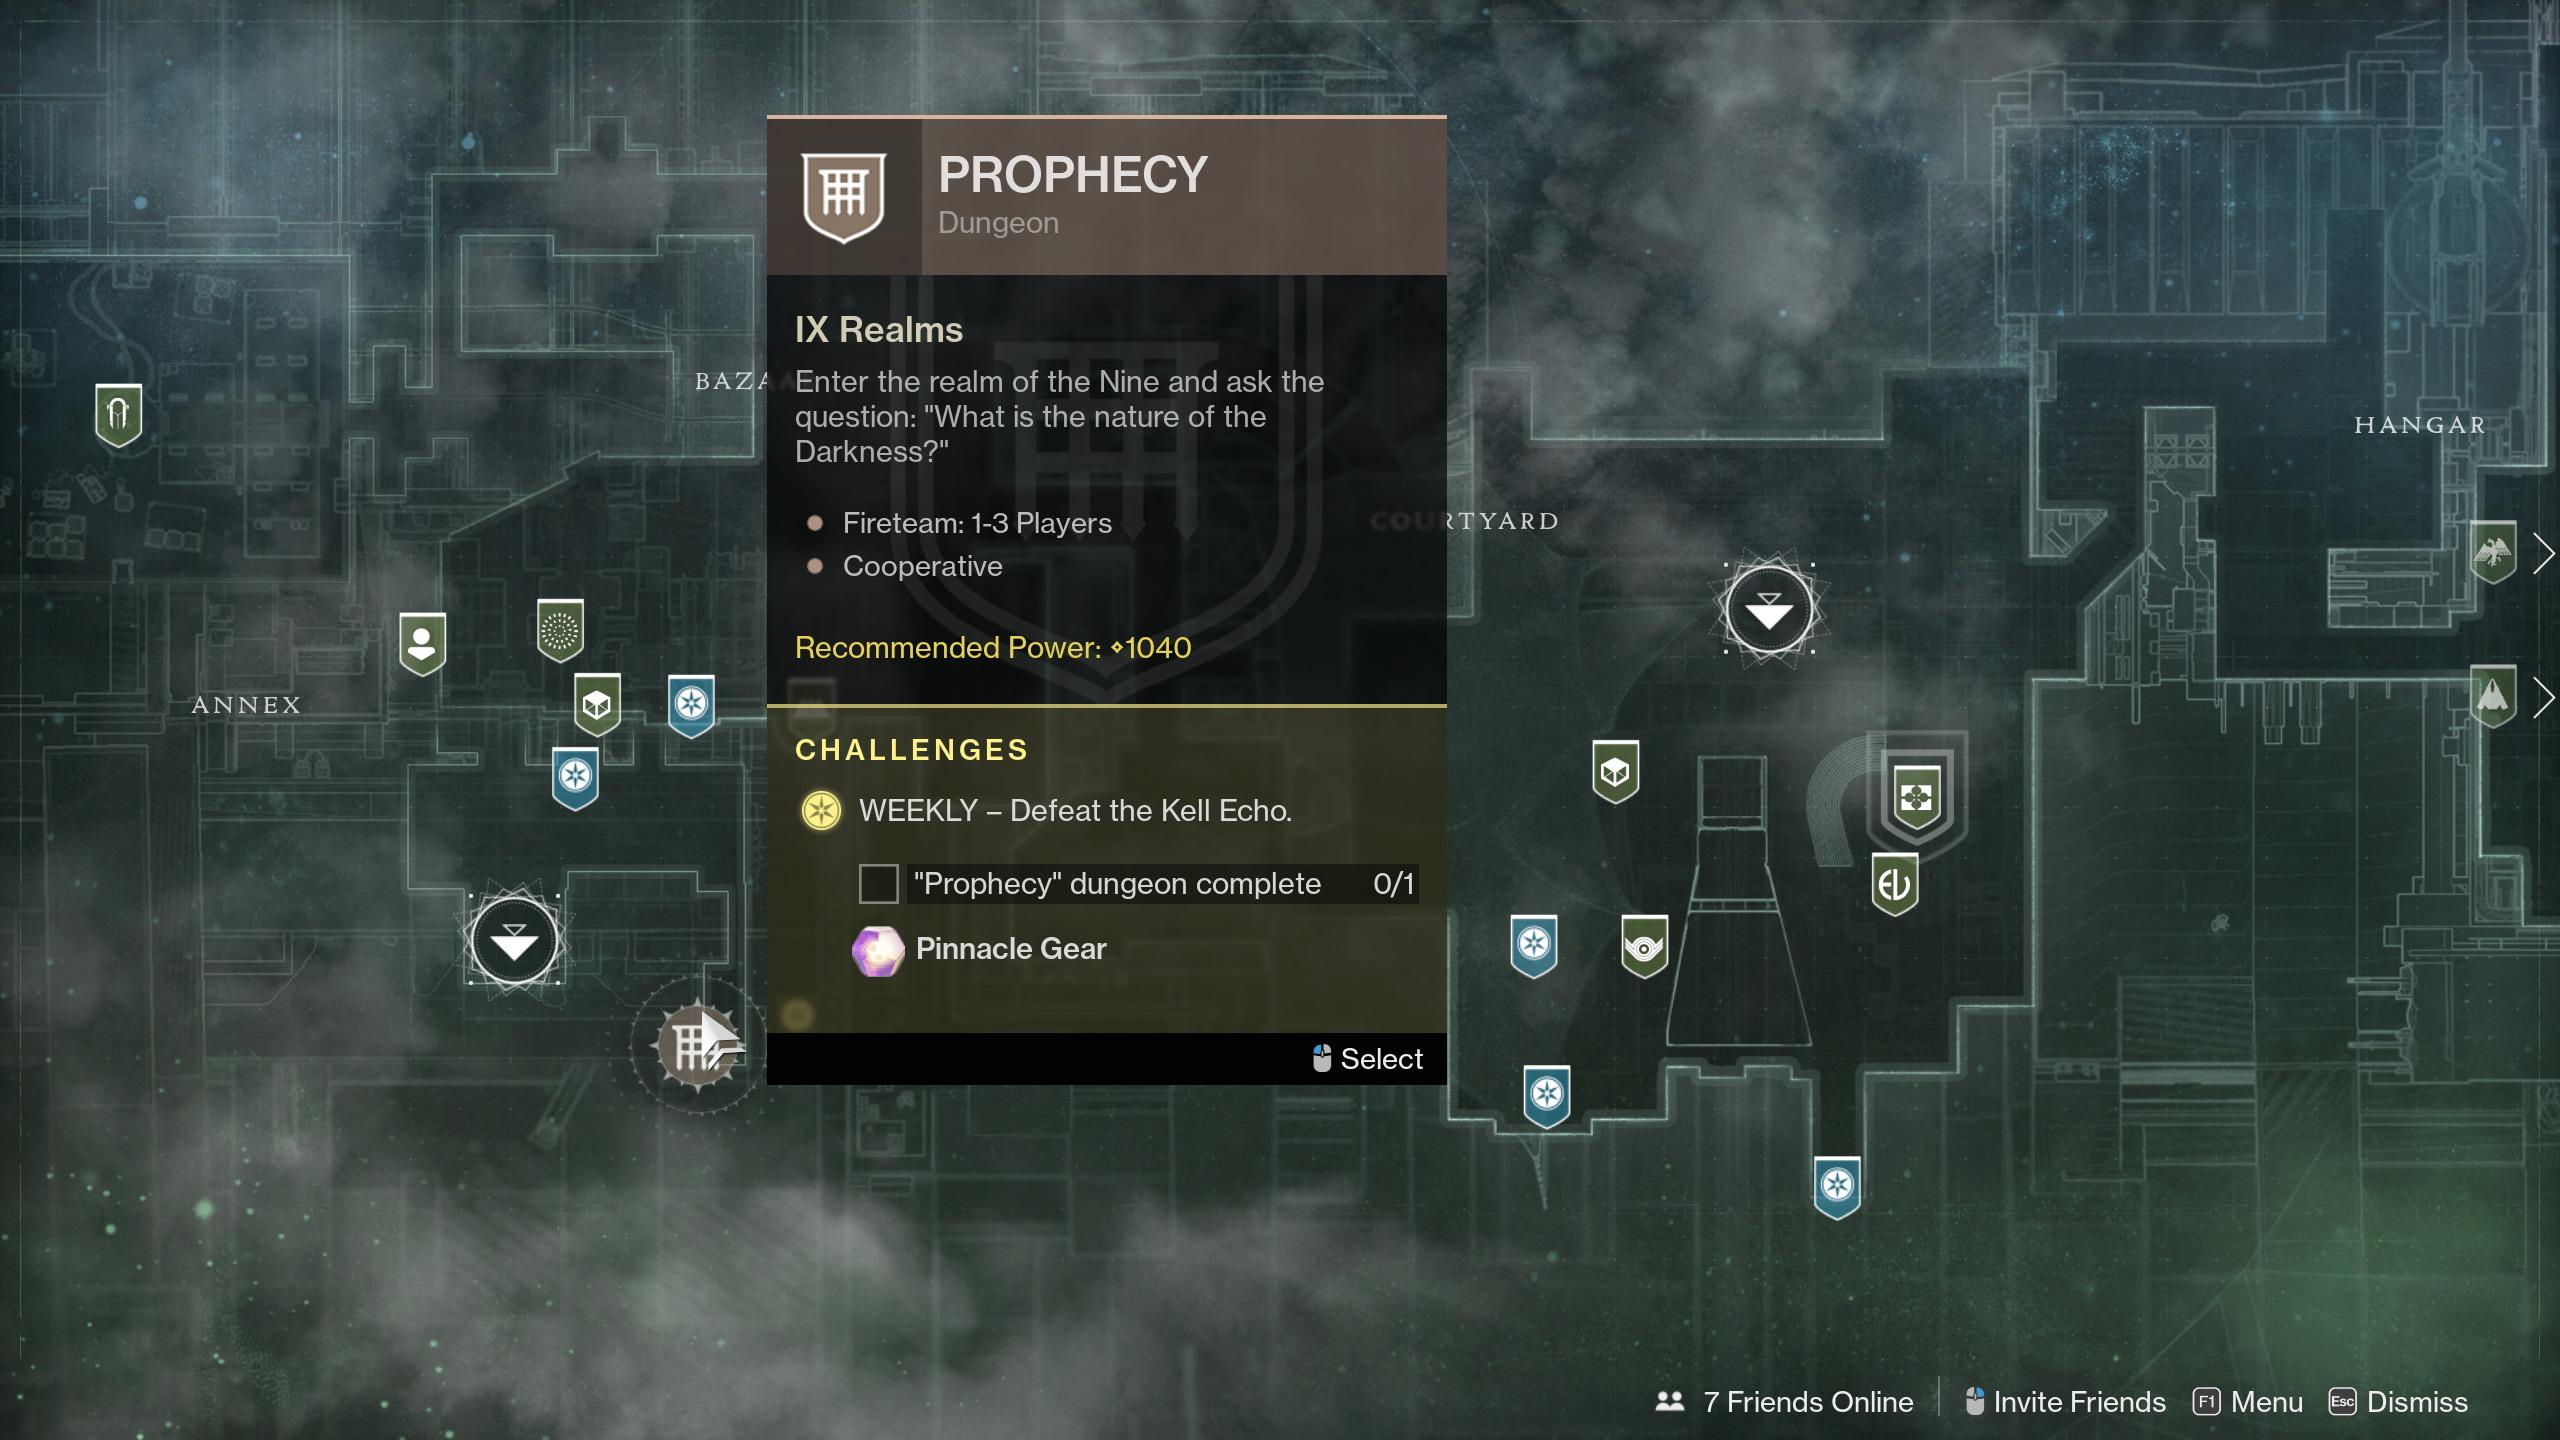 Destiny 2 Start Prophecy Dungeon